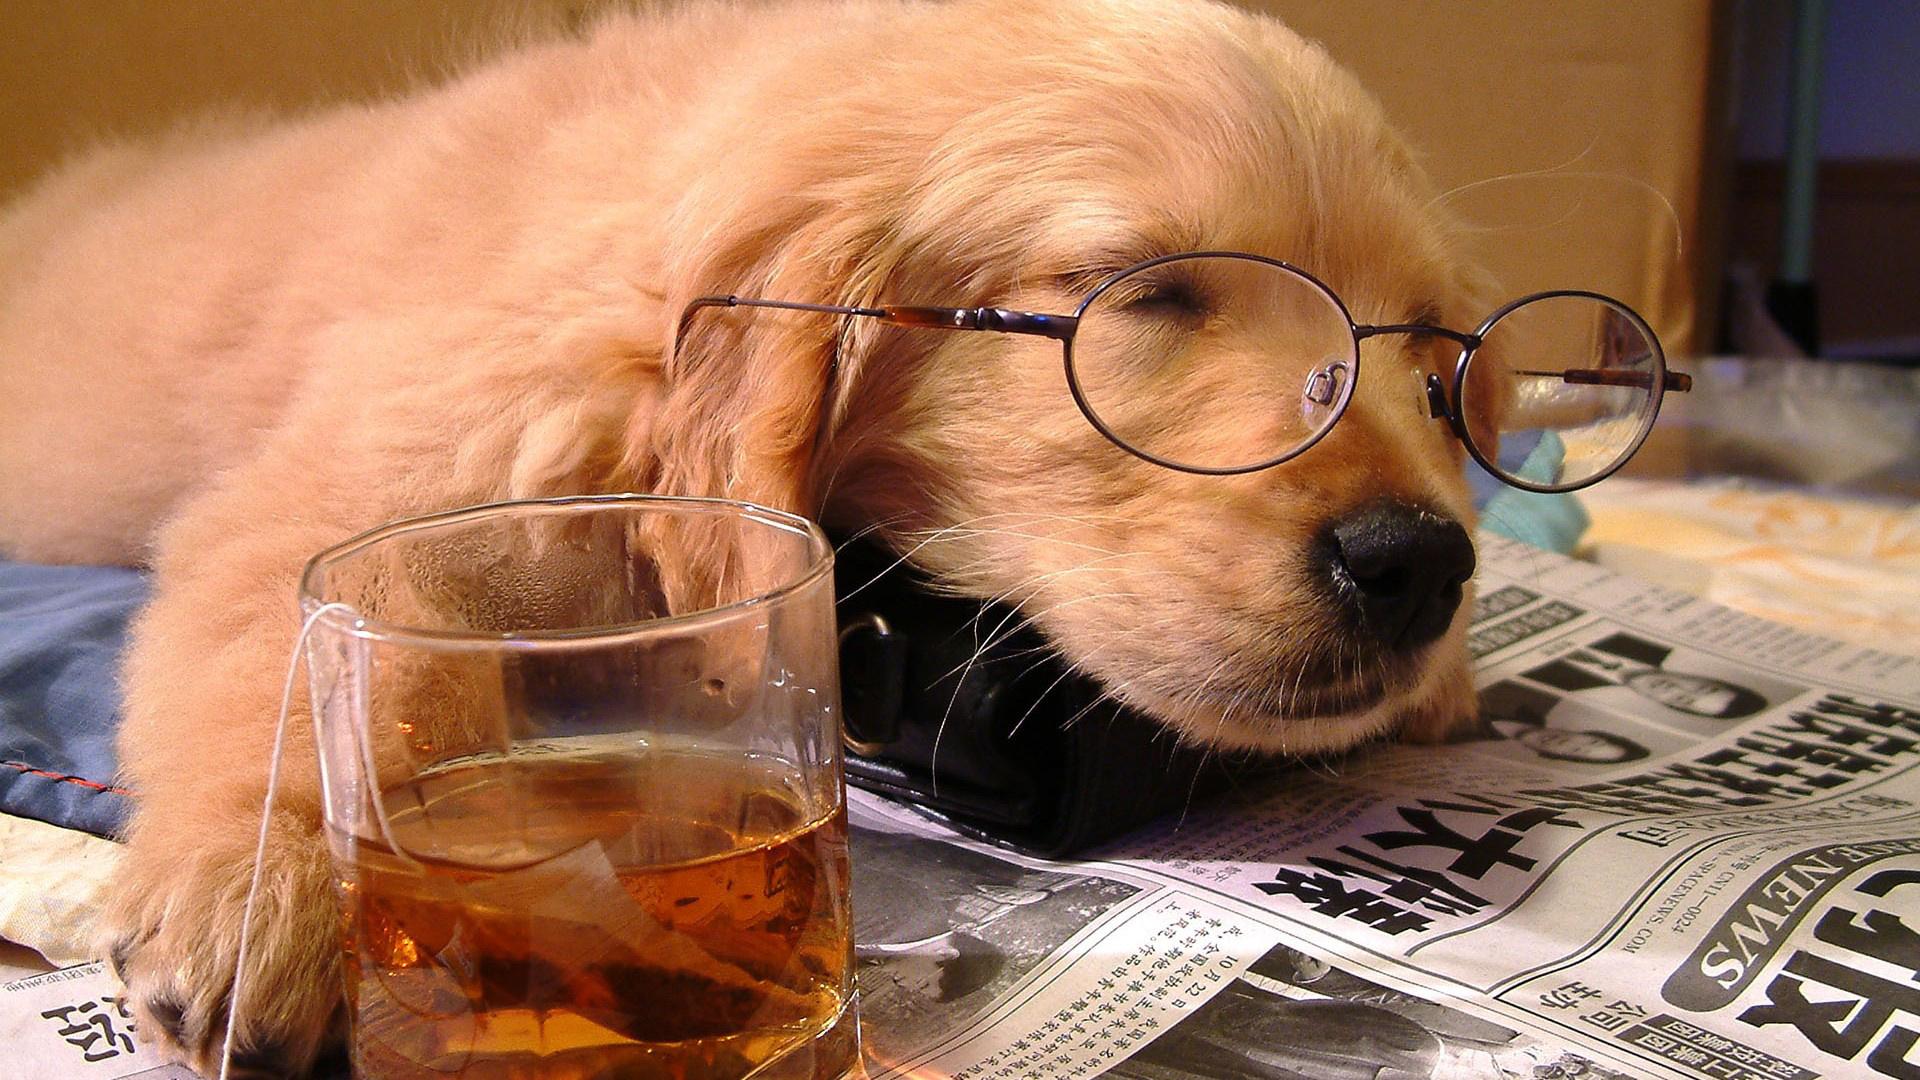 Певец собака юмор очки  № 1527430 загрузить